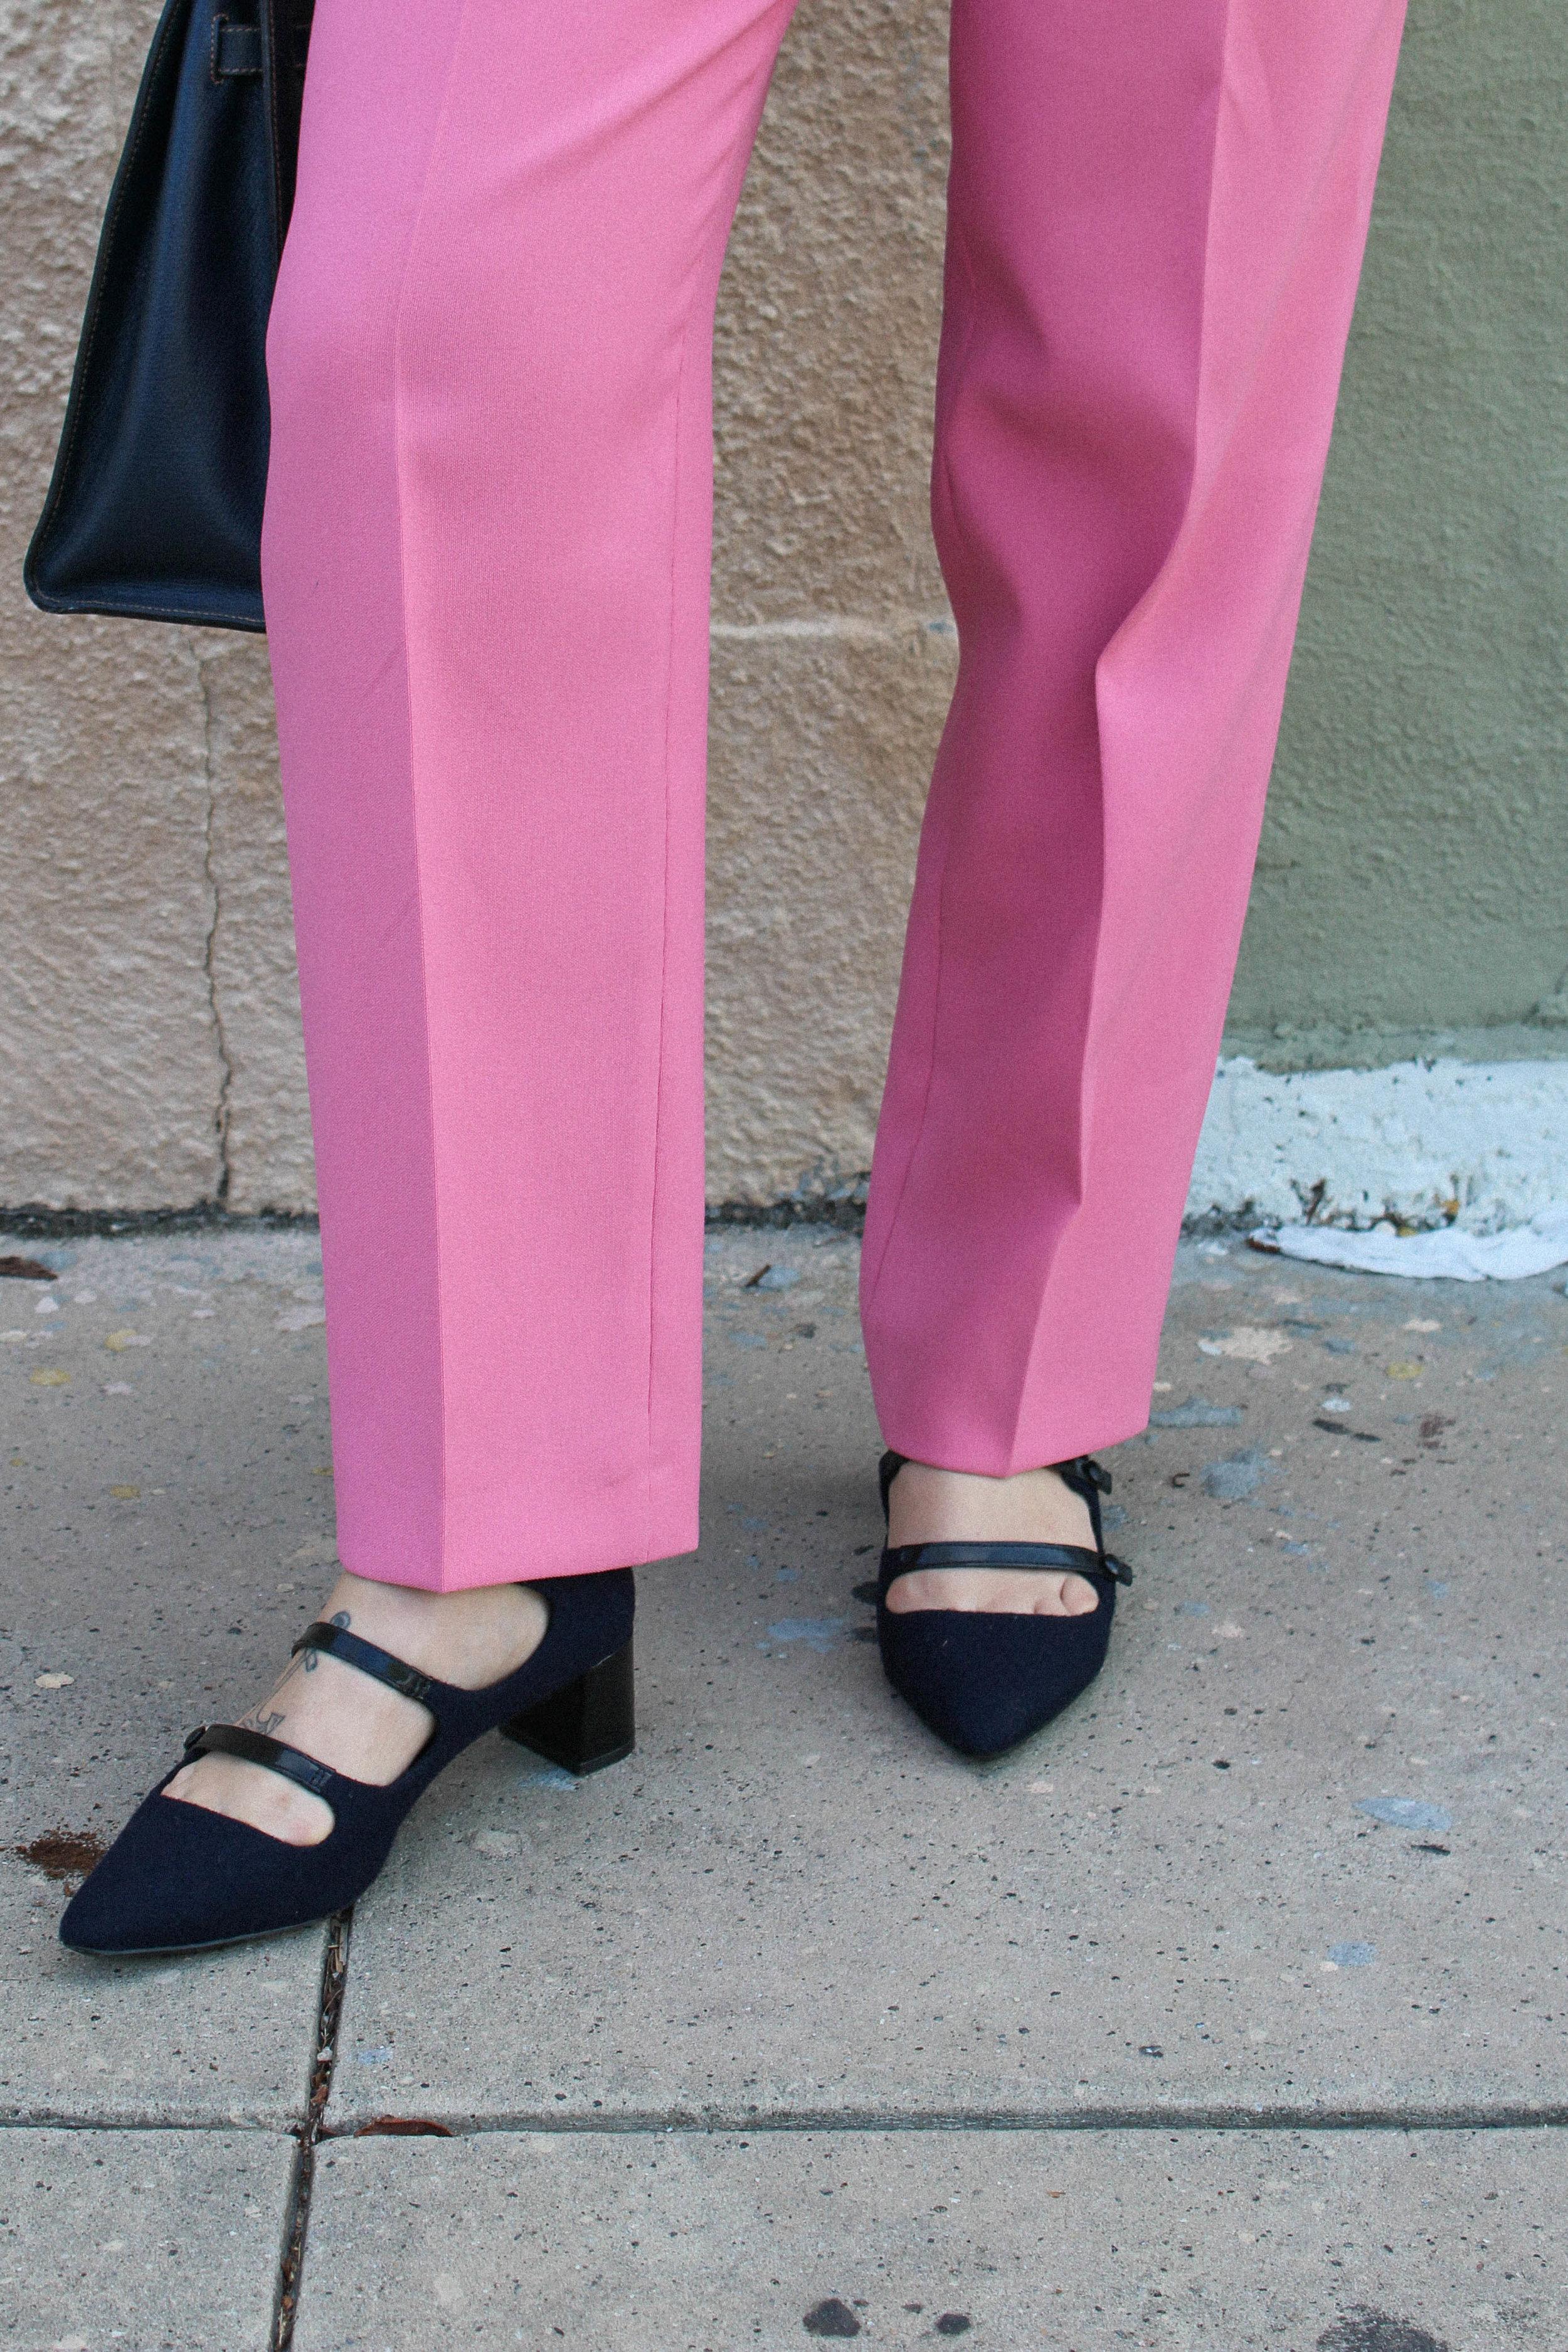 pinktrousers-9.jpg